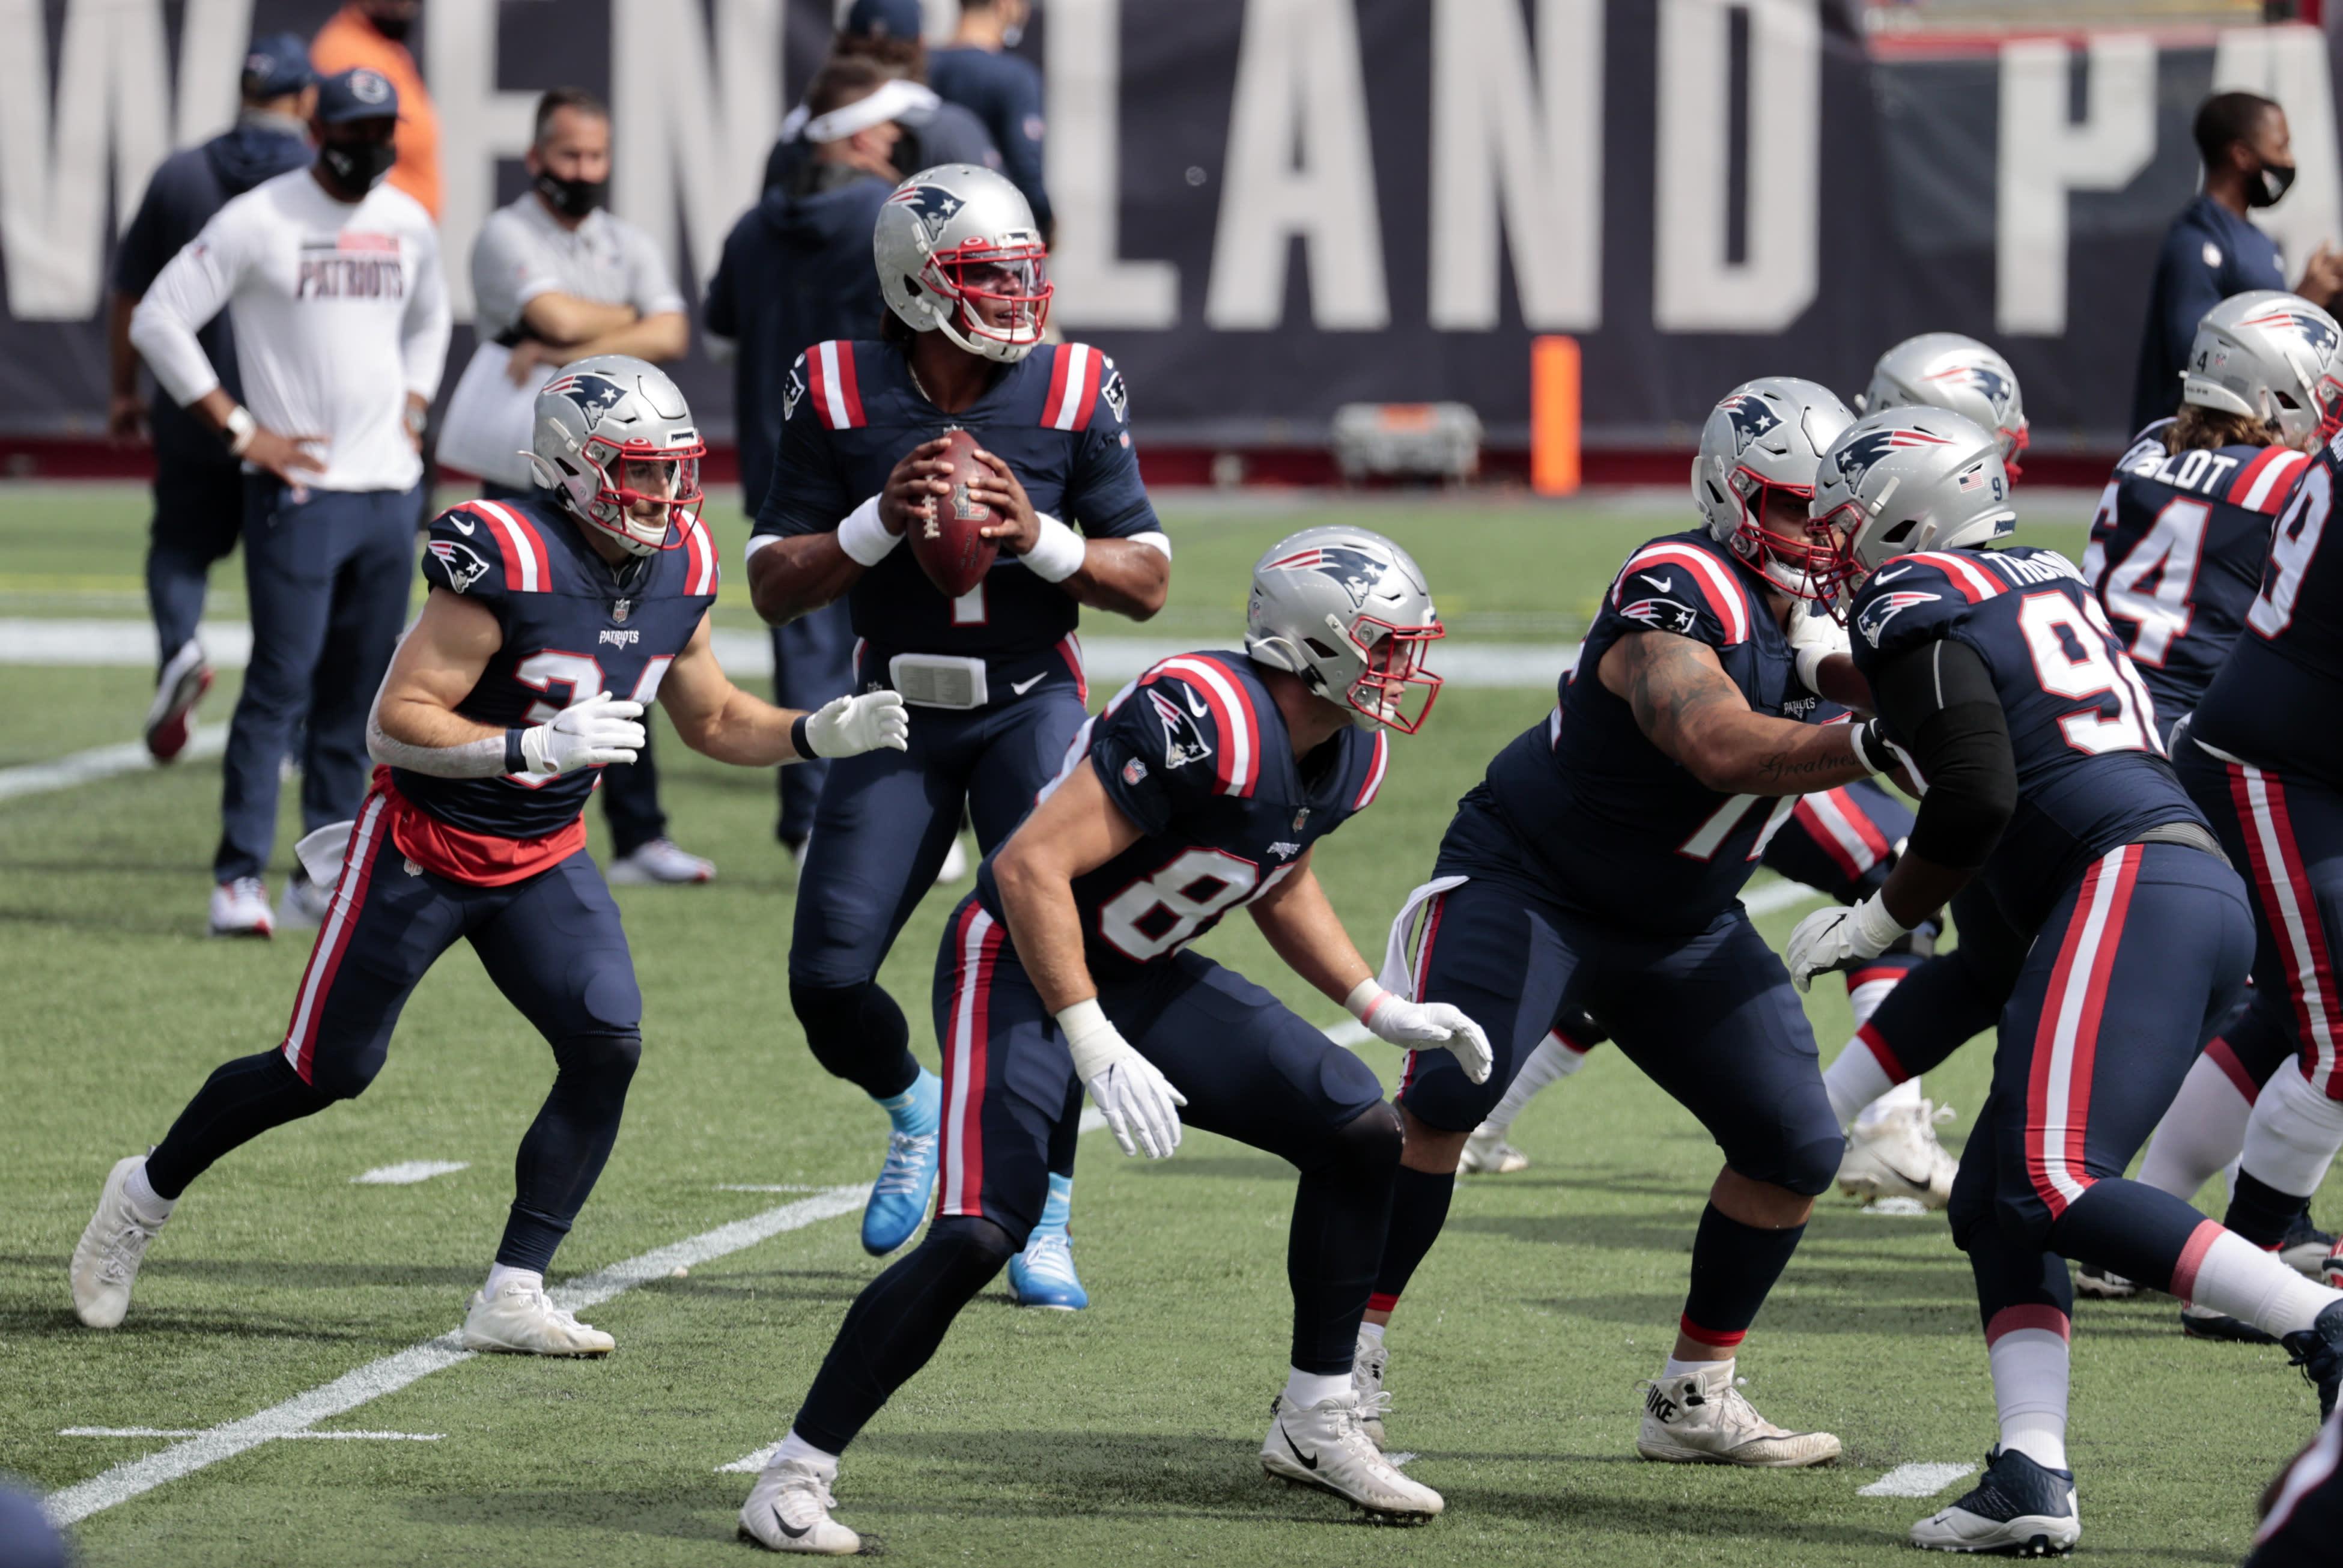 Nfl News Coronavirus Postpones Patriots Broncos In Week 5